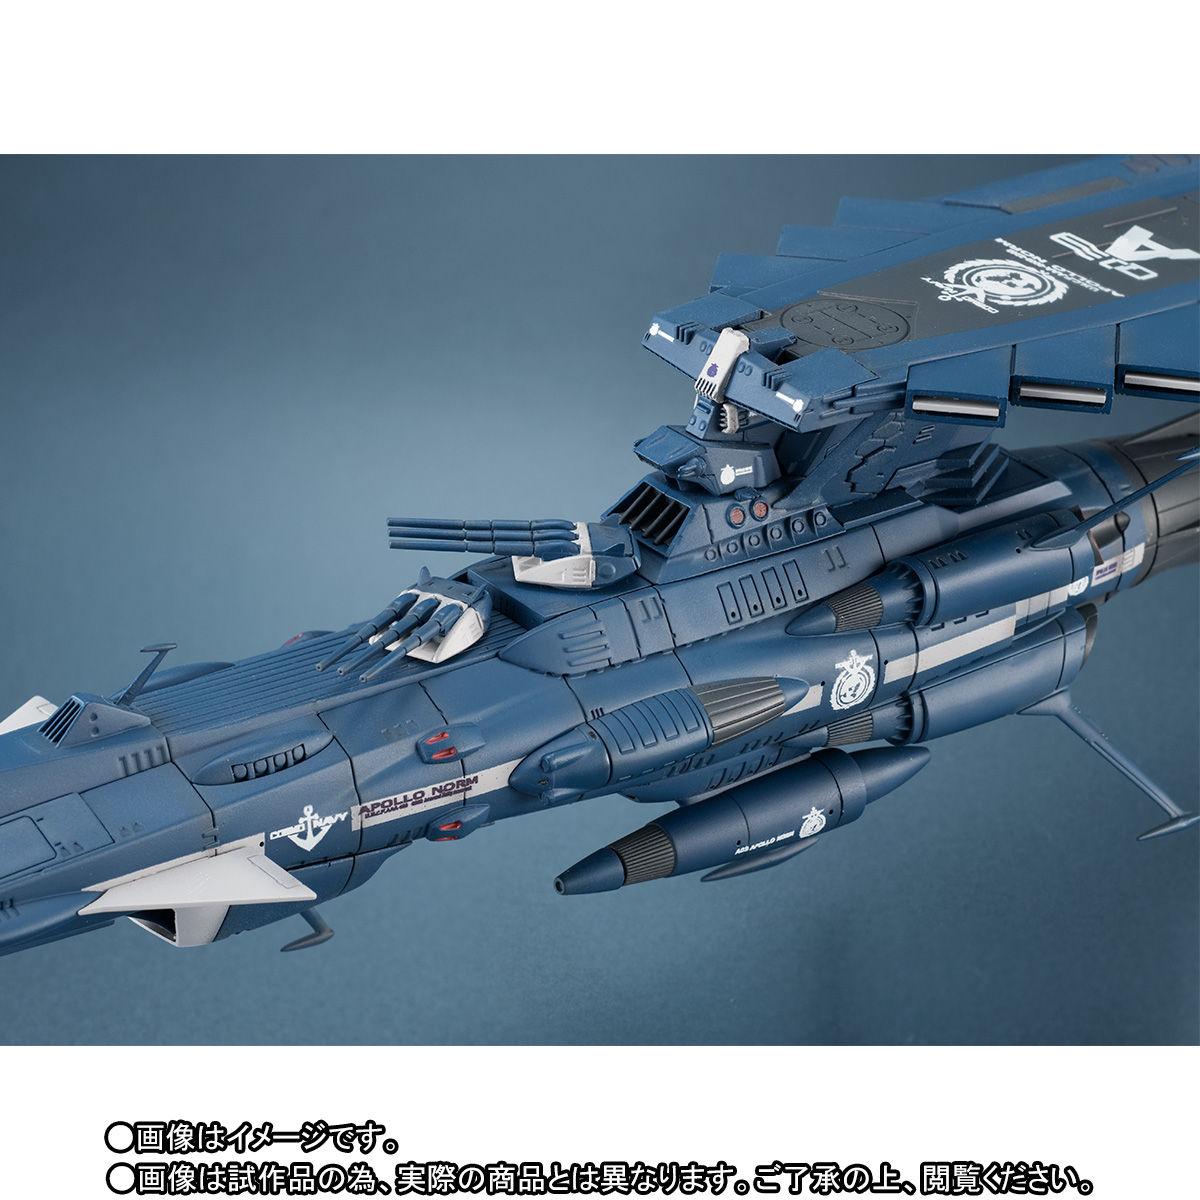 輝艦大全『地球連邦アンドロメダ級三番艦 アポロノーム|宇宙戦艦ヤマト2202』1/2000 完成品モデル-004